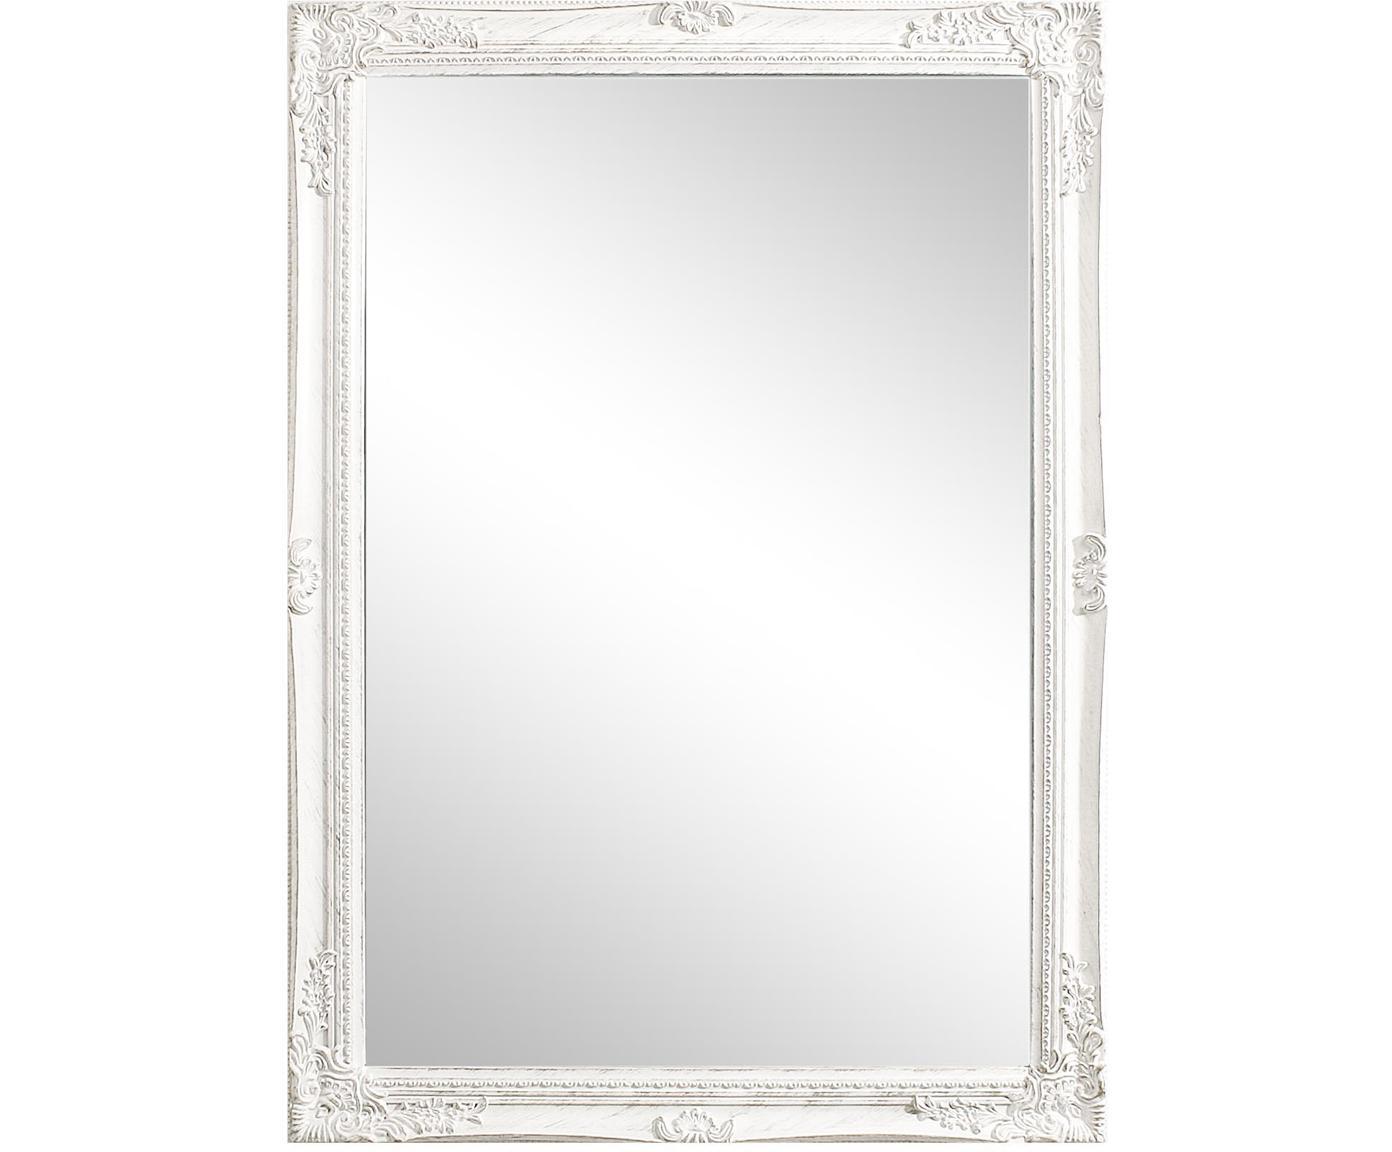 Rechthoekige wandspiegel Miro met witte houten lijst, Lijst: gecoat hout, Wit, 72 x 102 cm